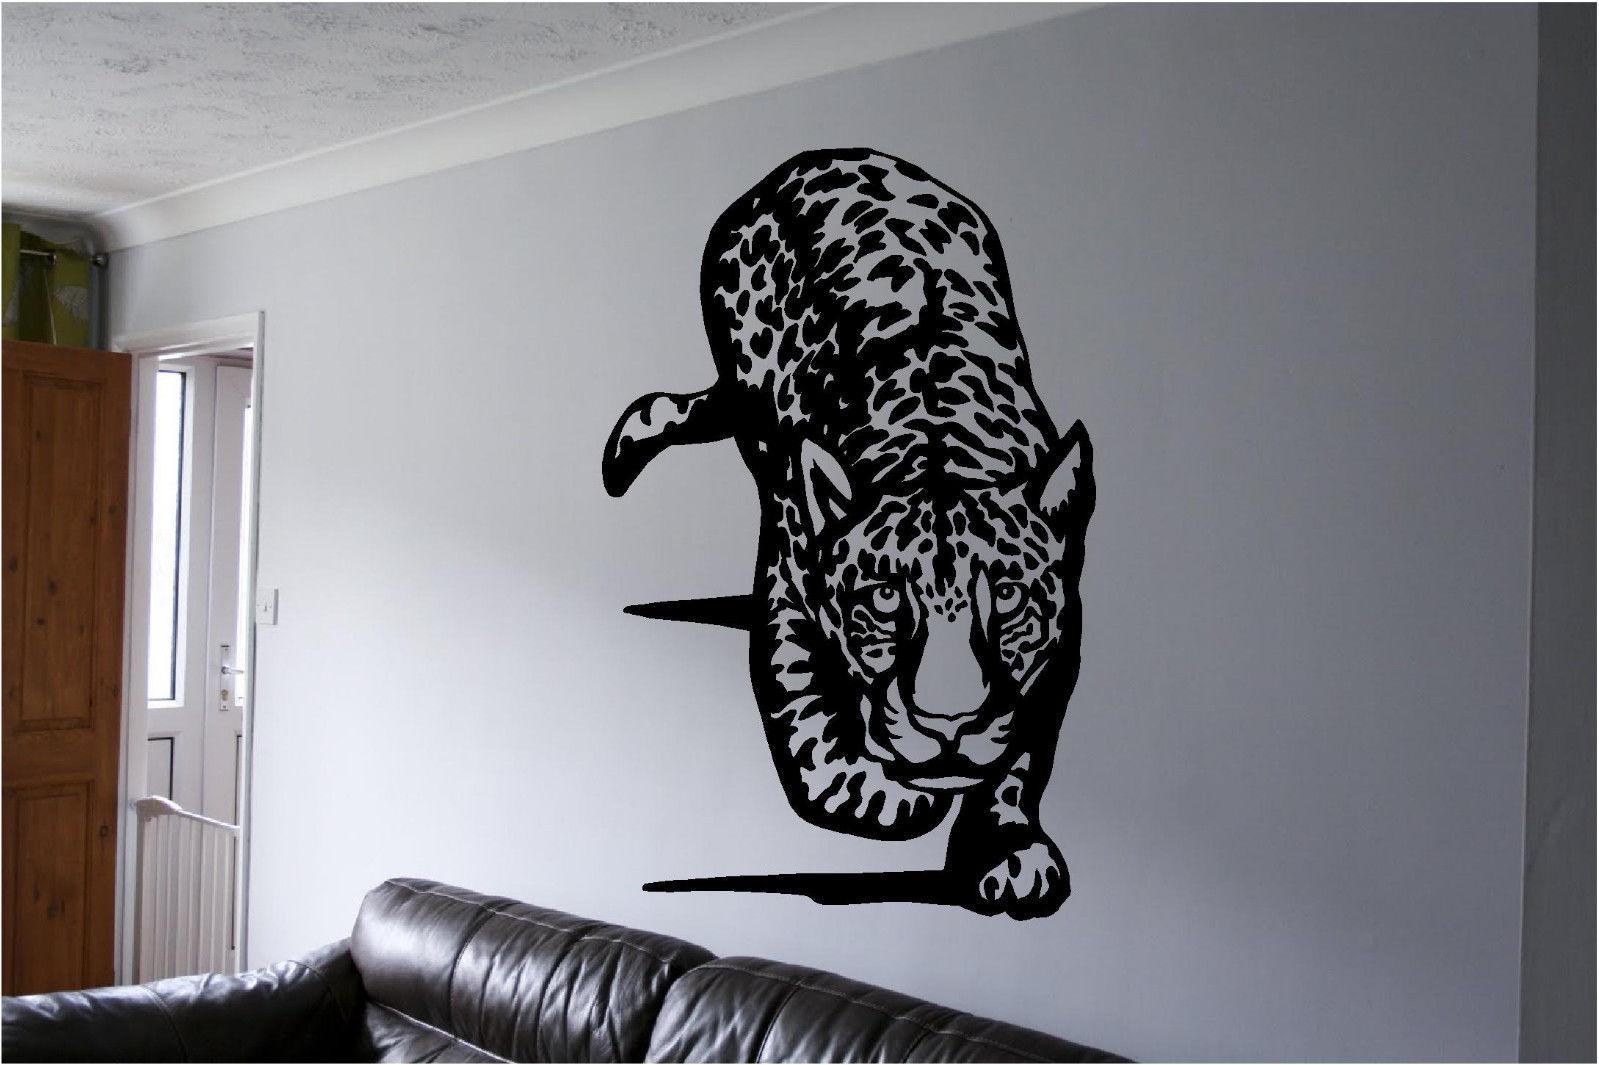 cheetah wall sticker wall art decor vinyl decal sticker leopard cheetah wall decals auall351 42 00 wall